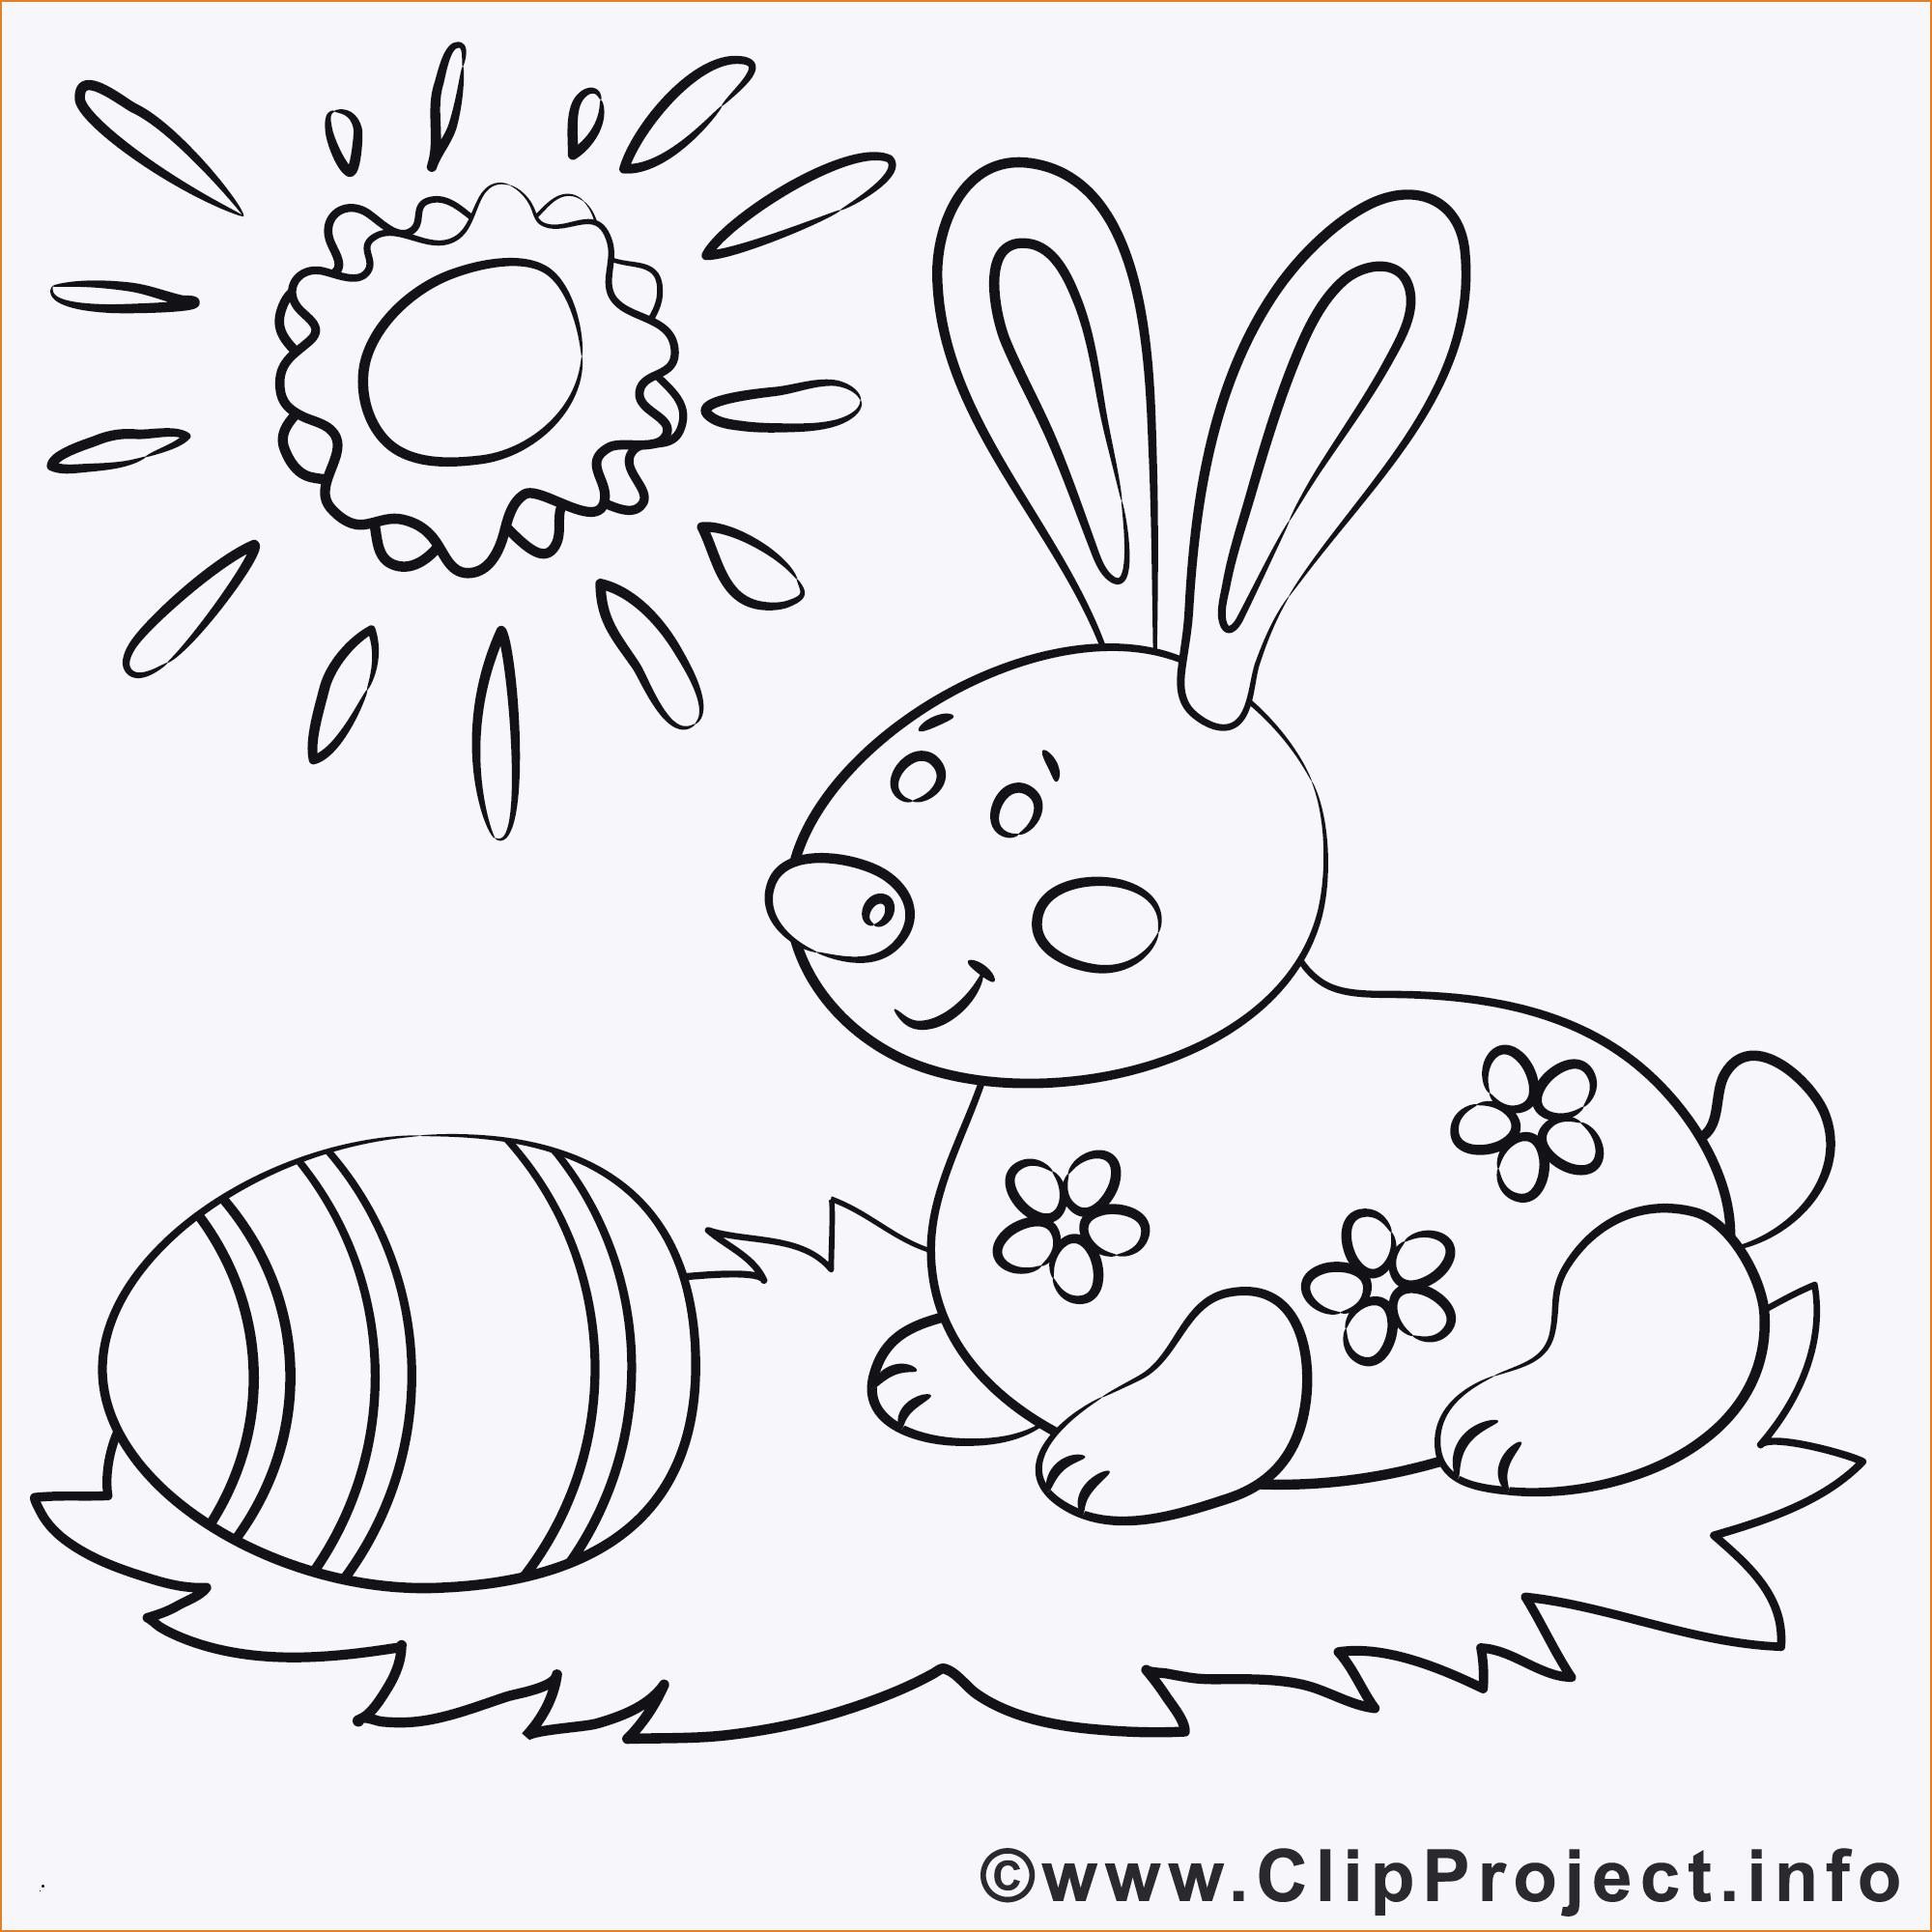 Minnie Mouse Ausmalbild Inspirierend 52 Idee Kaninchen Ausmalbilder Treehouse Nyc Bild